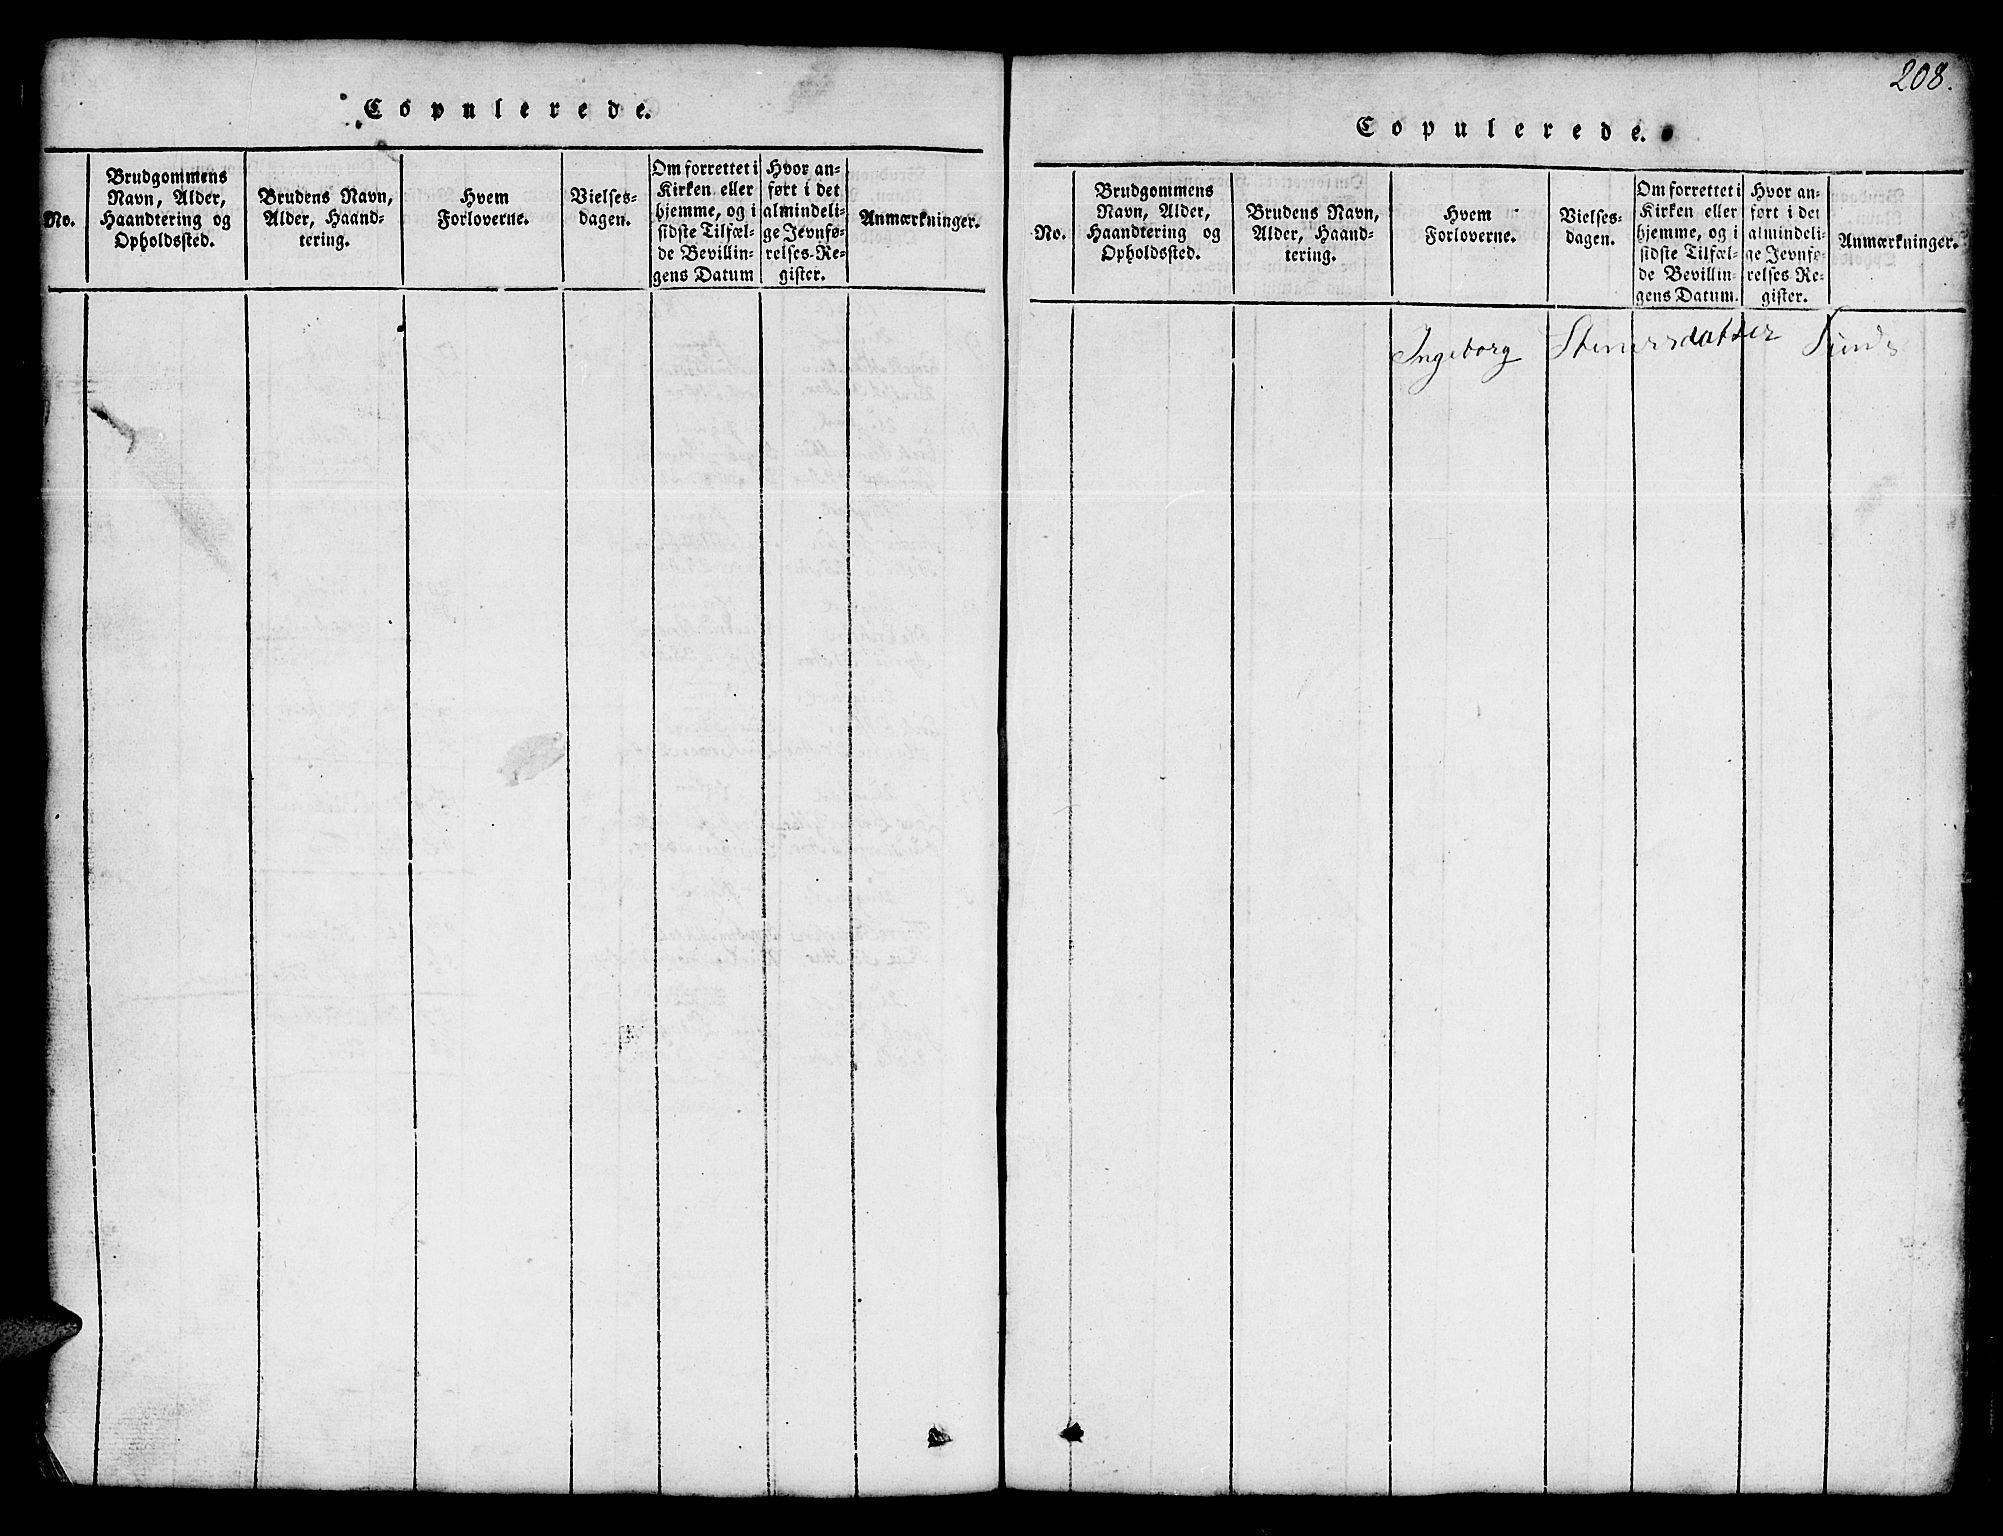 SAT, Ministerialprotokoller, klokkerbøker og fødselsregistre - Sør-Trøndelag, 674/L0874: Klokkerbok nr. 674C01, 1816-1860, s. 208